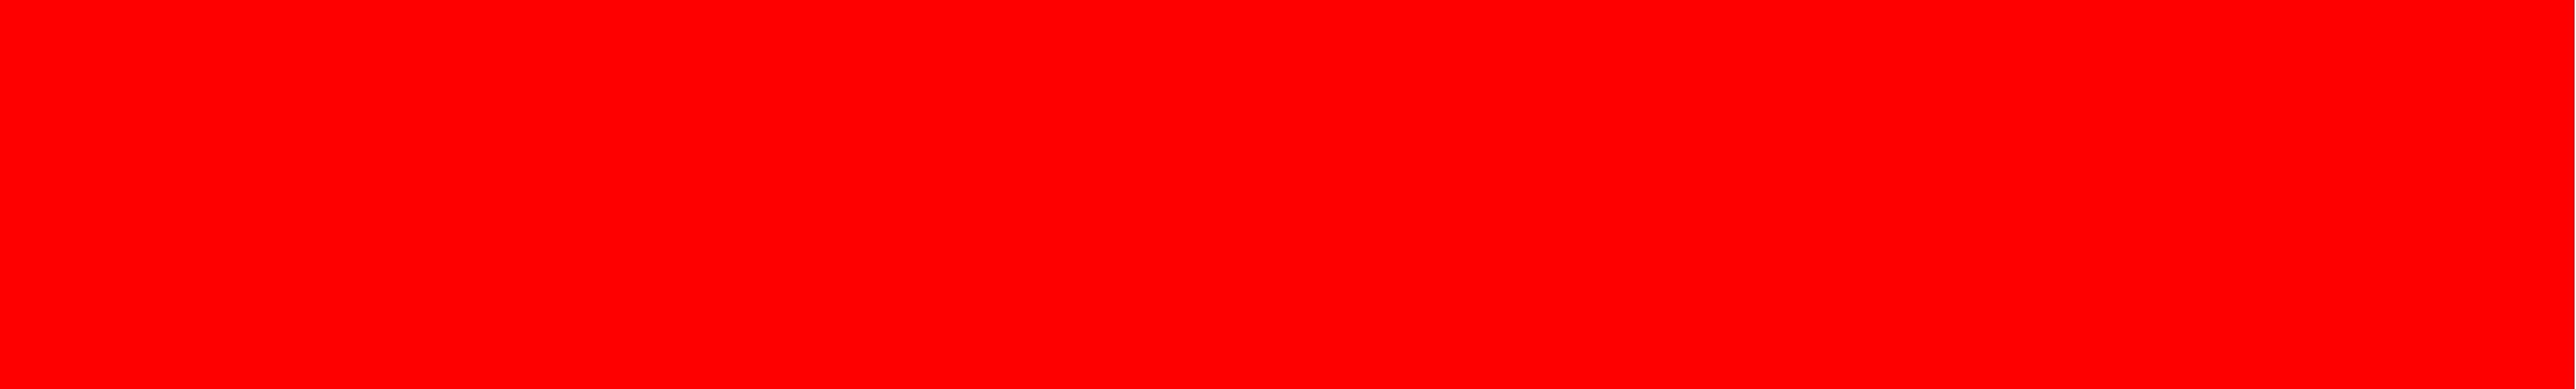 Hvmn red logo large